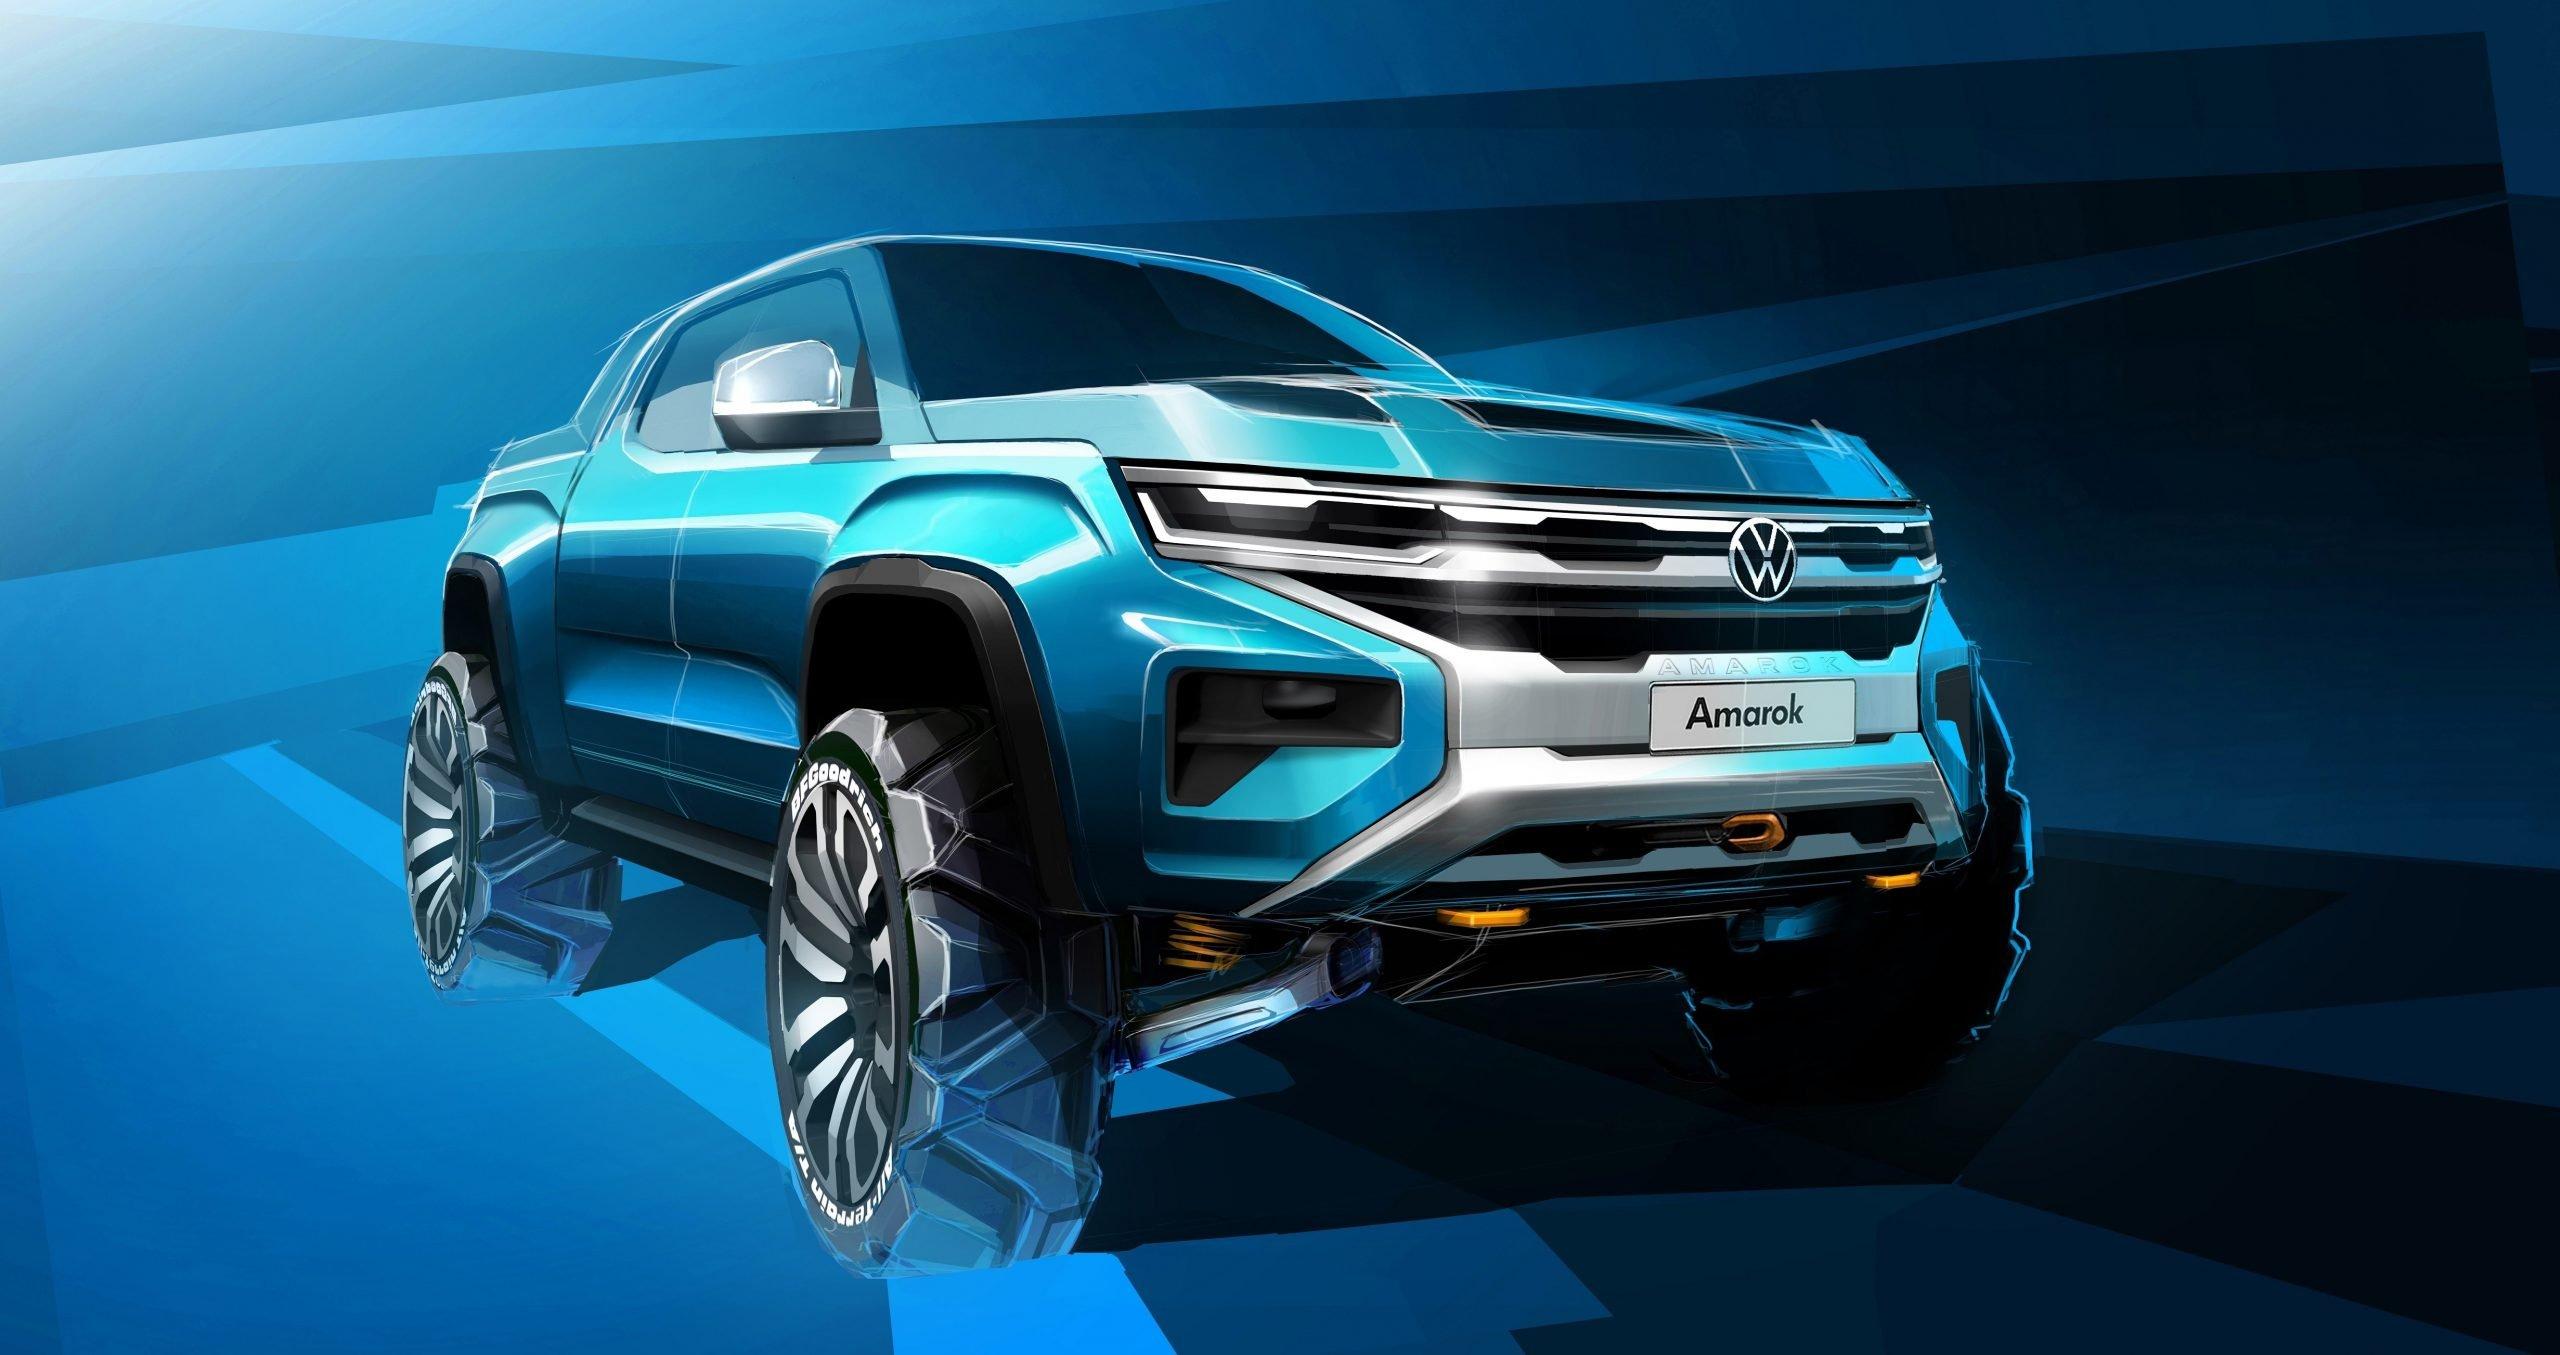 Альянсом по COVID 19: в рамках сотрудничества Volkswagen Коммерческие автомобили и Ford выпустят три новые модели